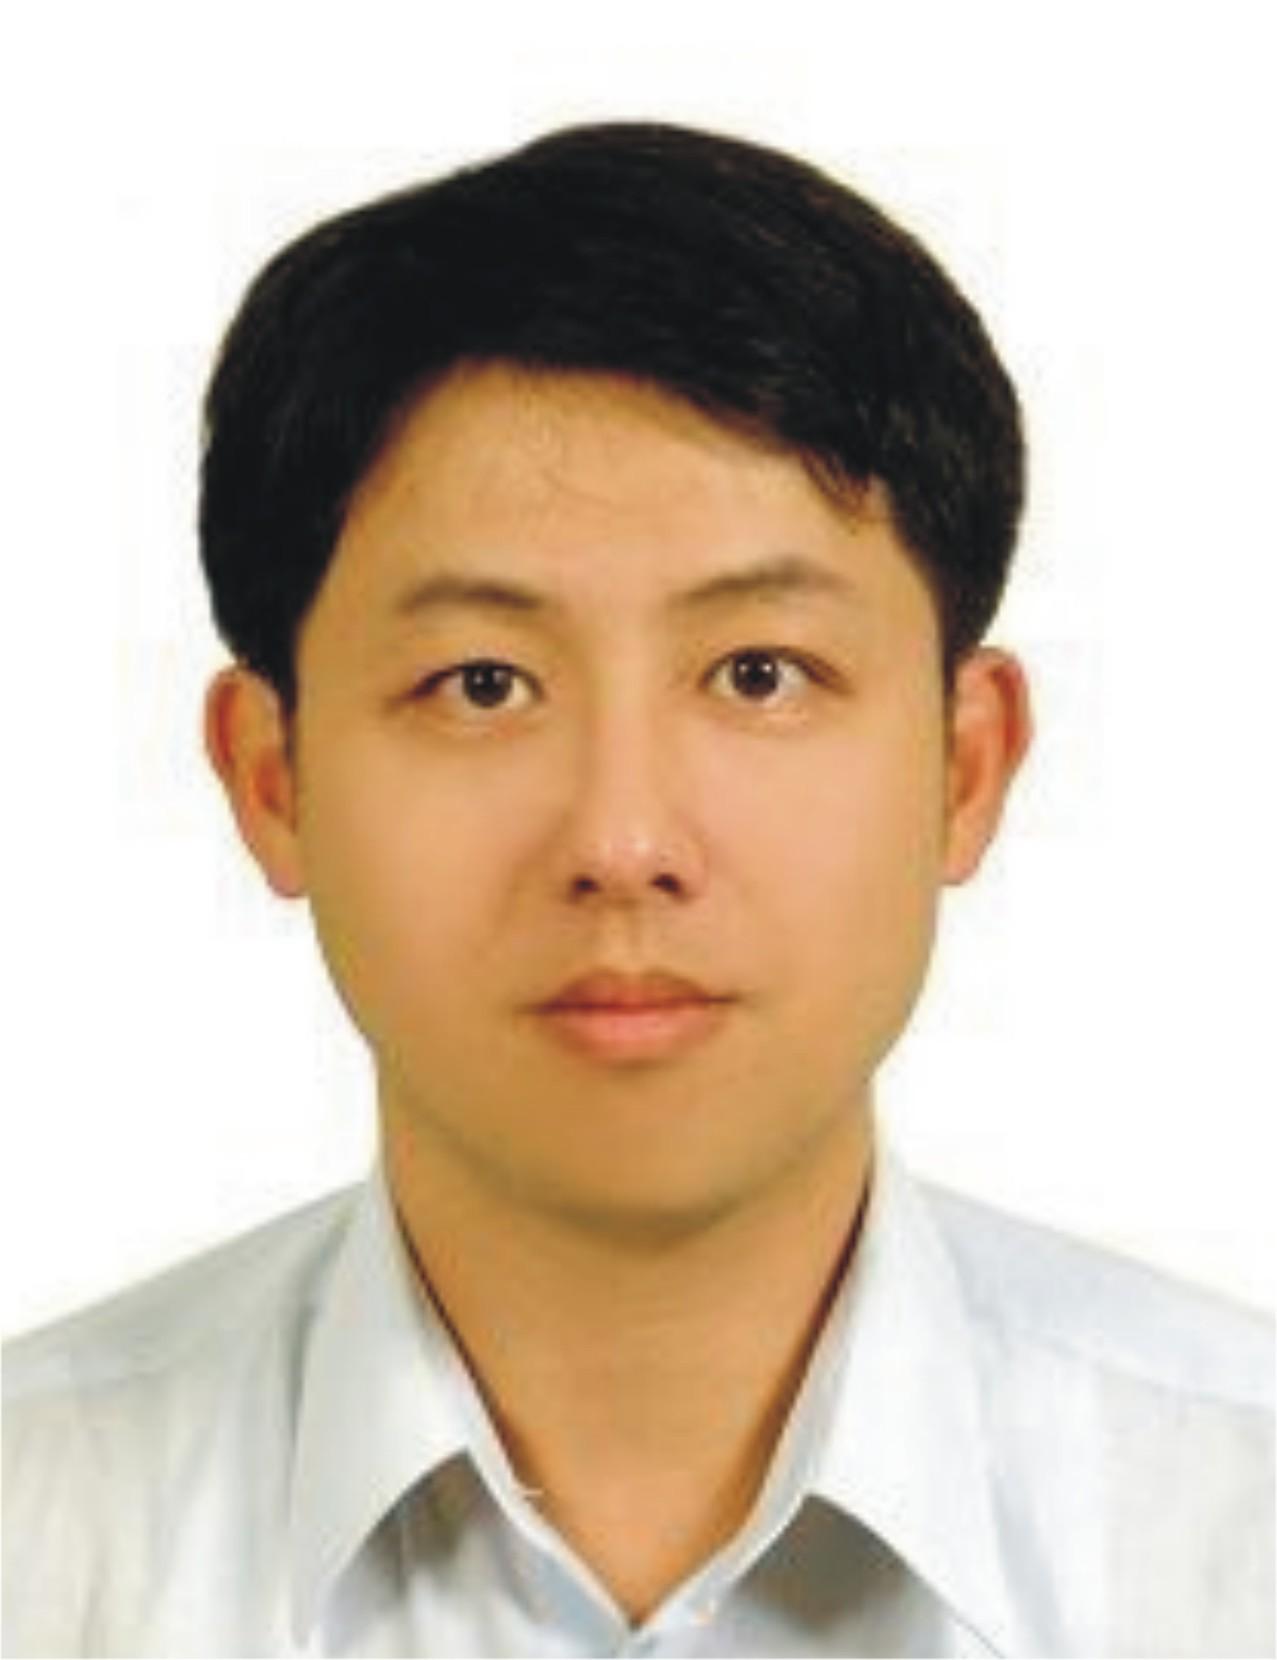 張博閔 CHANG Po-Min(圖片)